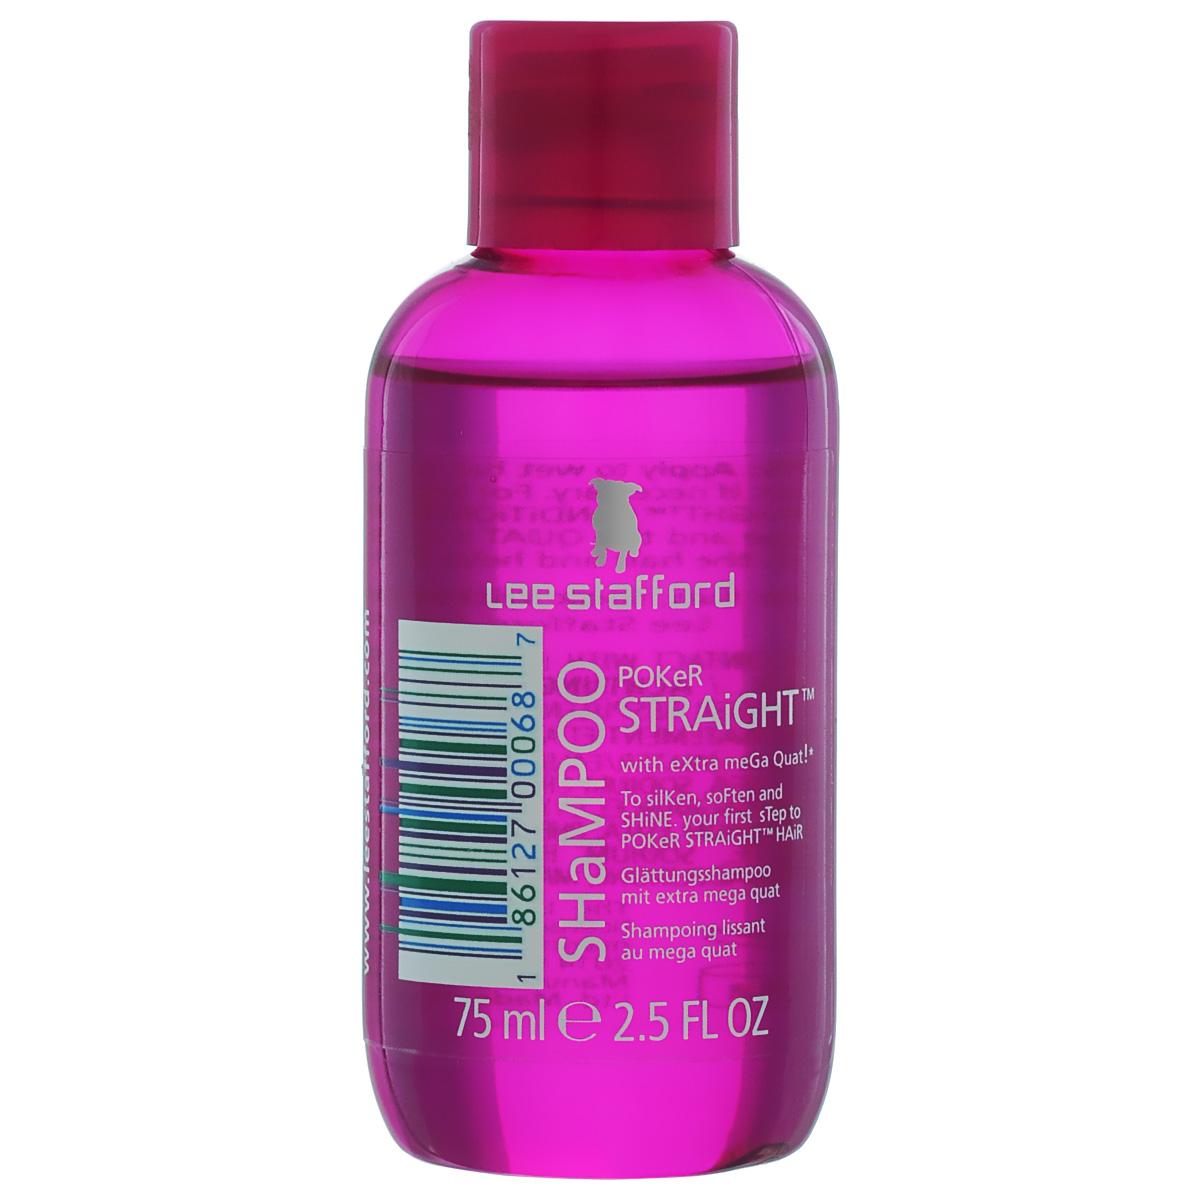 Lee Stafford Шампунь для выпрямления волос Poker Straight Mini, 75 млSCHJ104Шампунь для выпрямления волос Poker Straight Shampoo, 75 мл. Содержит уникальный компонент Quat, который, попадая на волосы, смягчает и выпрямляет их. Придает ощущение шелковистости и облегчает расчесывание.